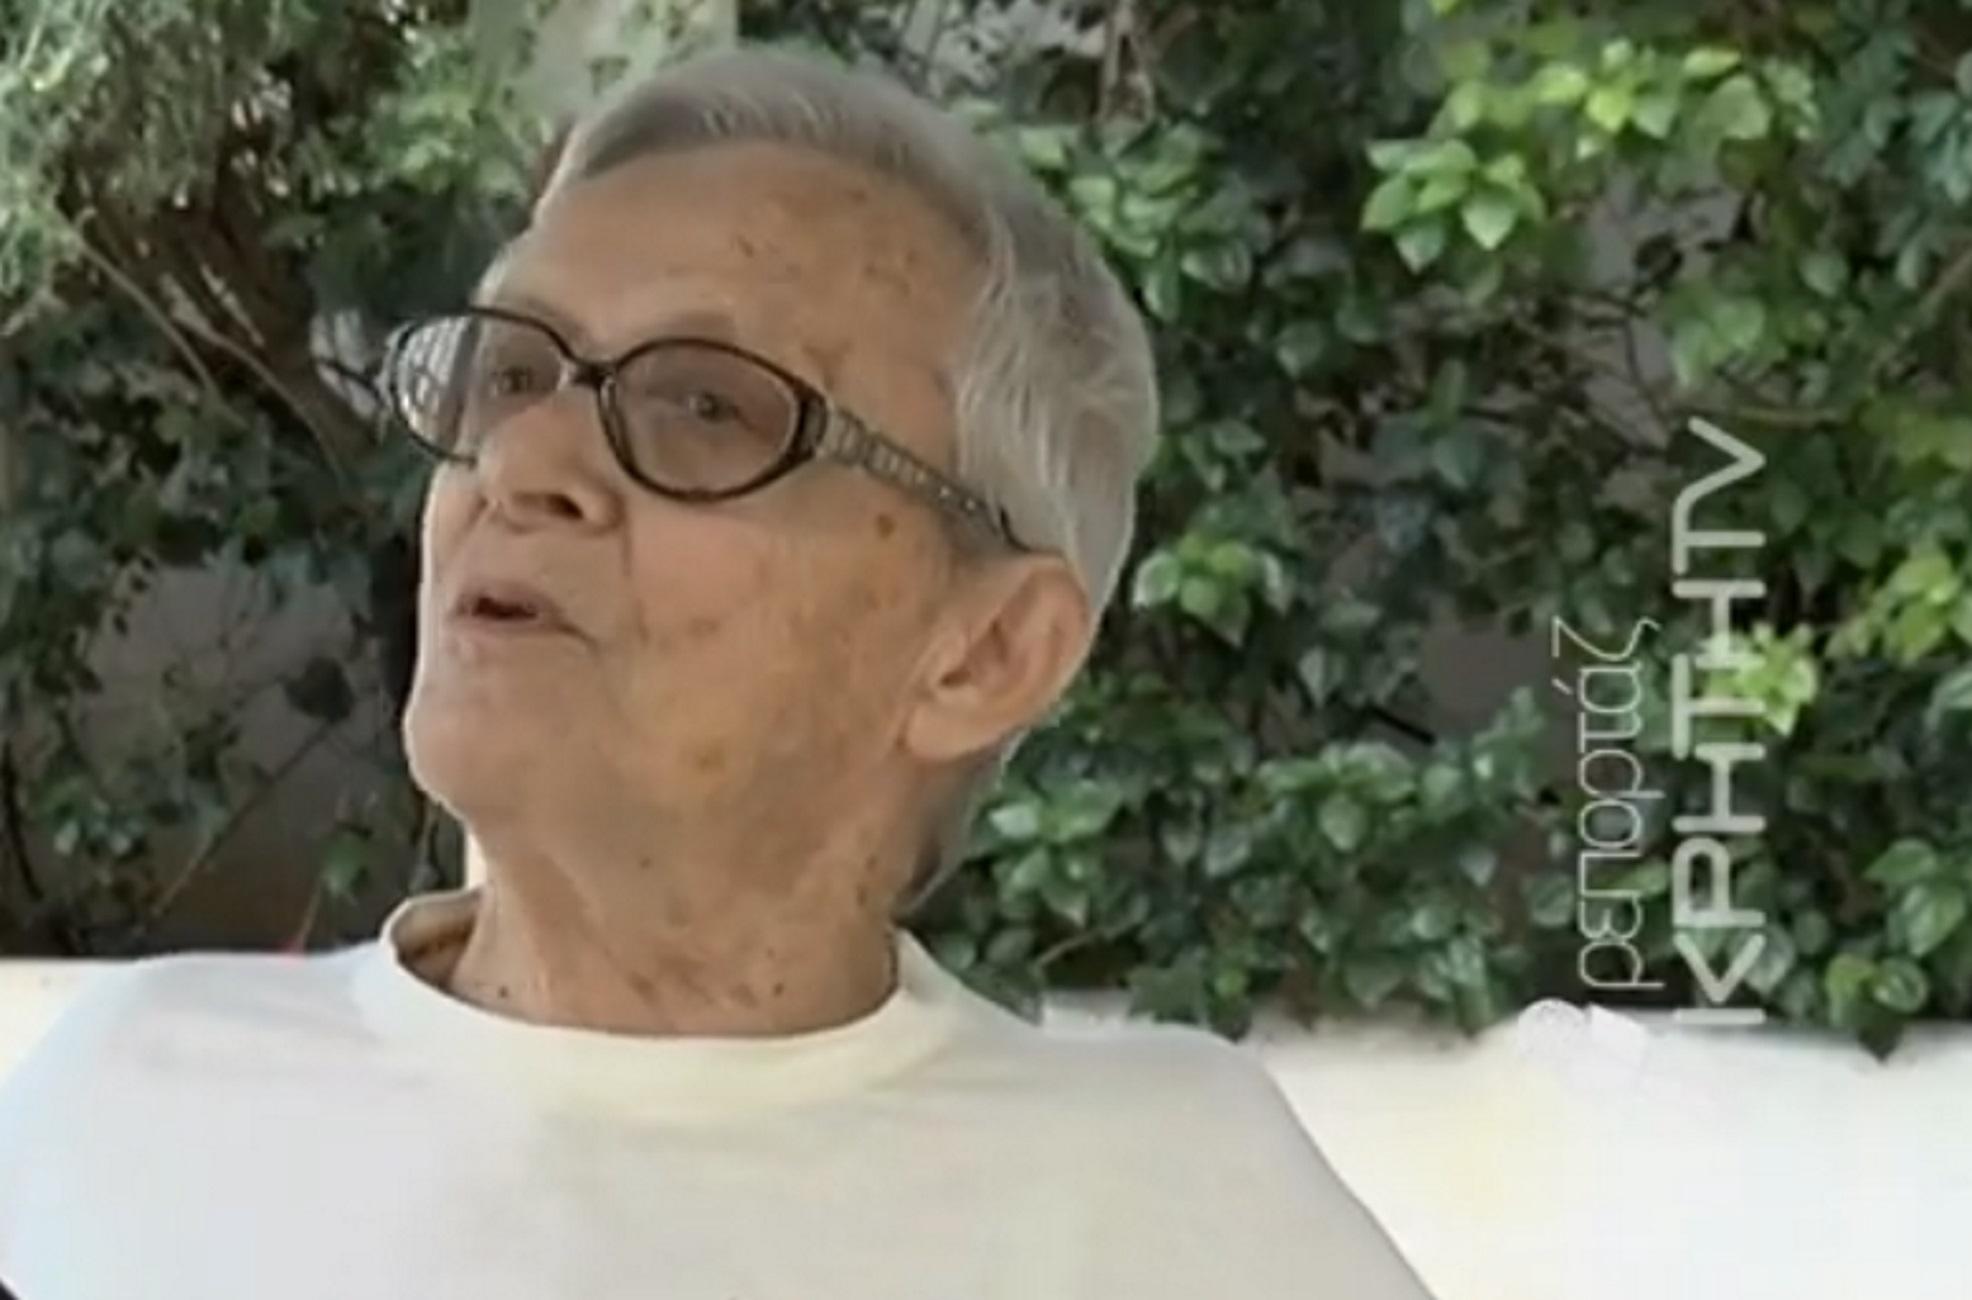 Κρήτη: Η σούπερ γιαγιά αποκαλύπτεται! Απίστευτο και όμως αληθινό αυτό που κατάφερε μετά από 84 χρόνια ζωής (Βίντεο)